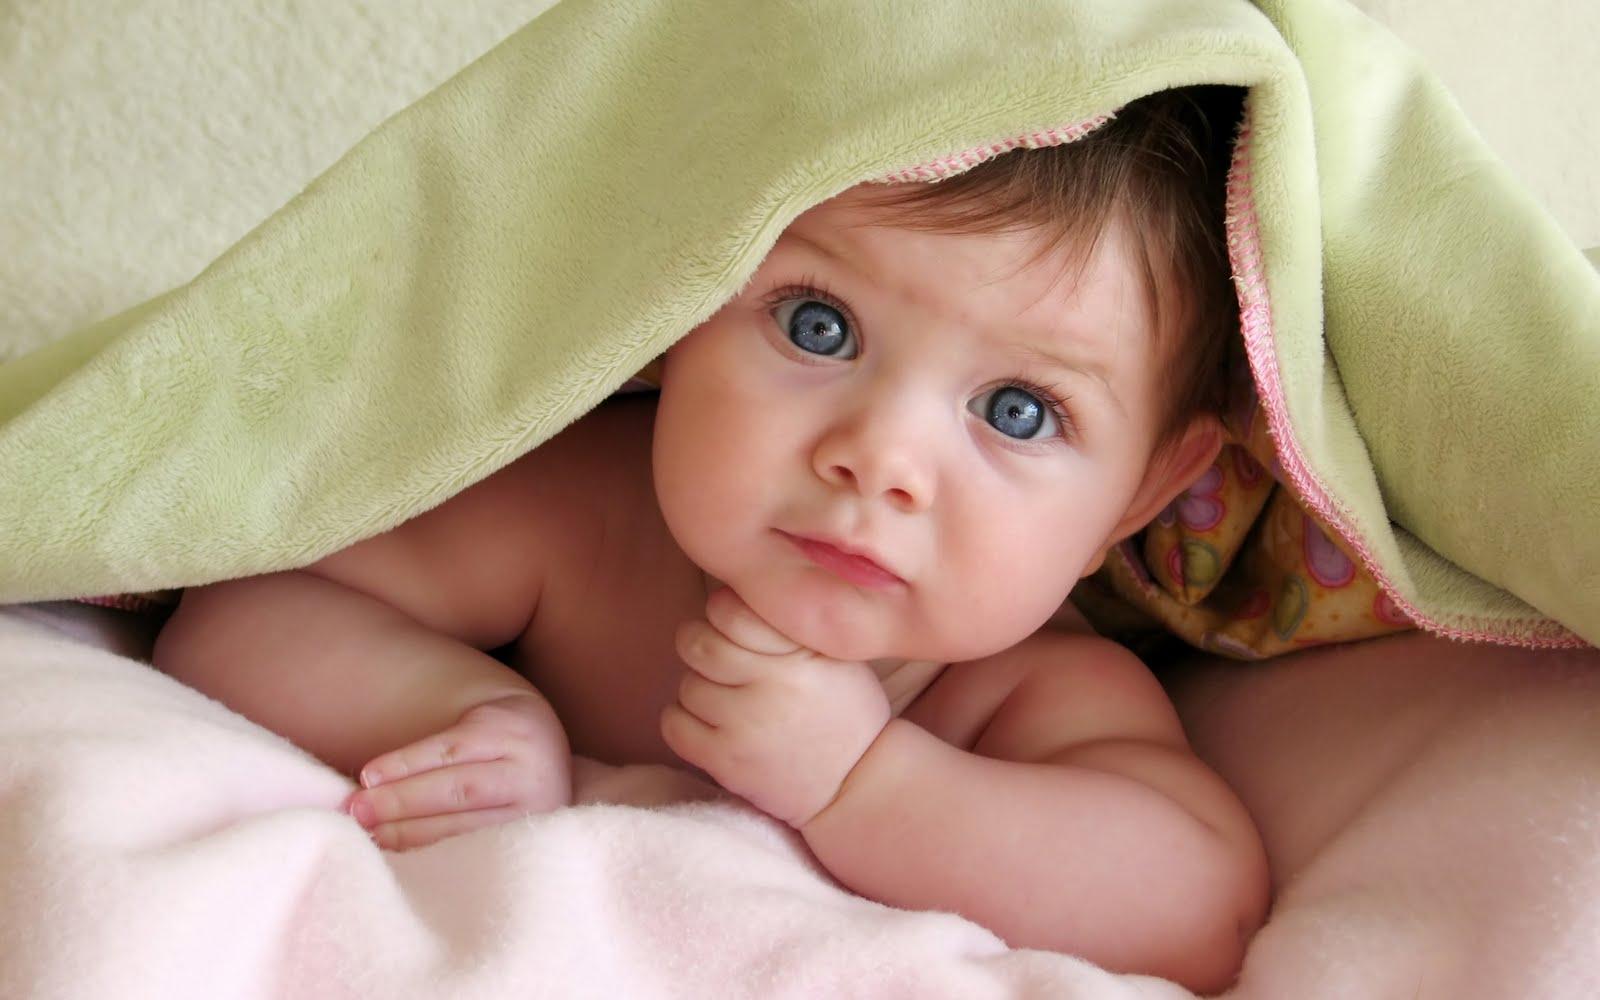 http://1.bp.blogspot.com/_JNzMk_fRMfk/TGLLLNqktGI/AAAAAAAAAS0/Nn2x7fuX_Vw/s1600/cute-kid-picture-wallpaper-2560x1600.jpg